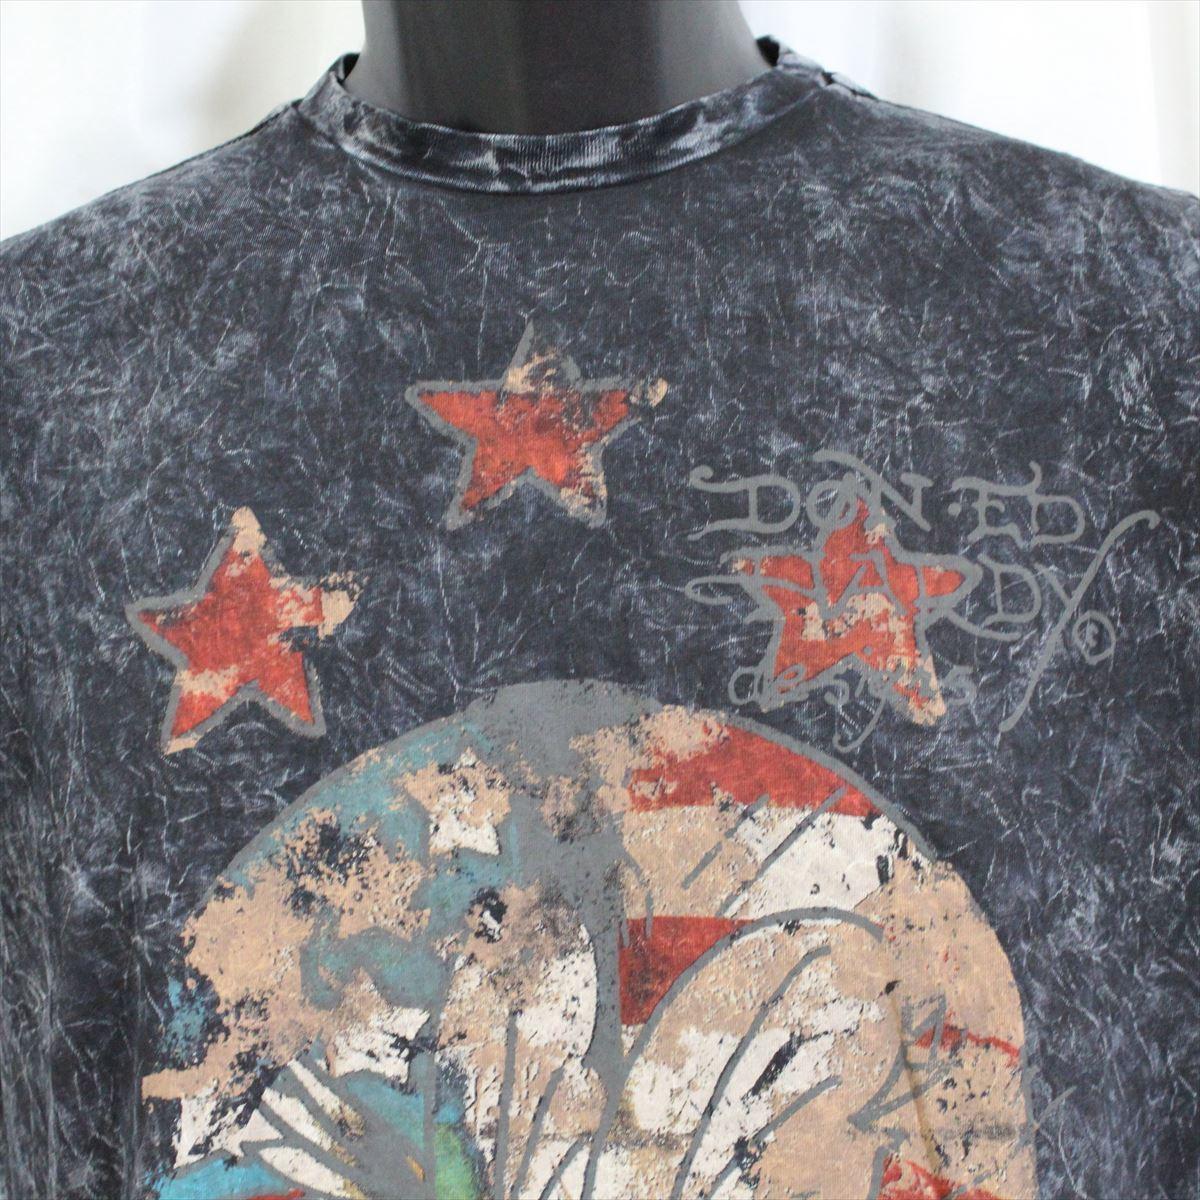 エドハーディー ED HARDY メンズ半袖Tシャツ ブラック Sサイズ 新品 アメリカ製 M02VTSB437_画像2